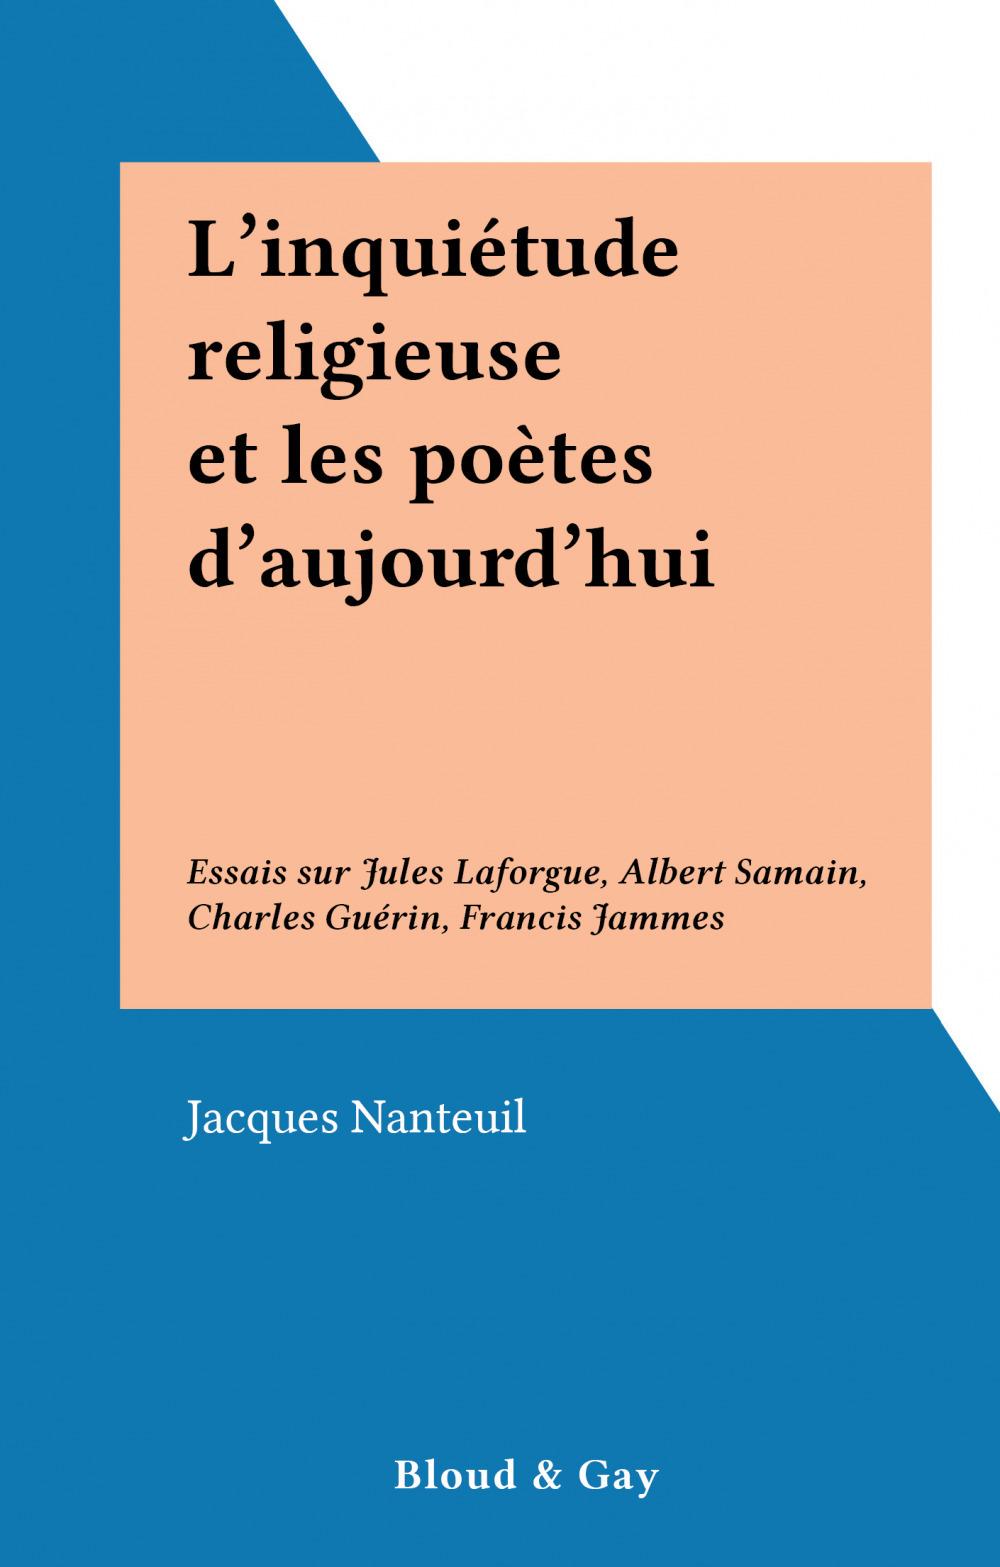 L'inquiétude religieuse et les poètes d'aujourd'hui